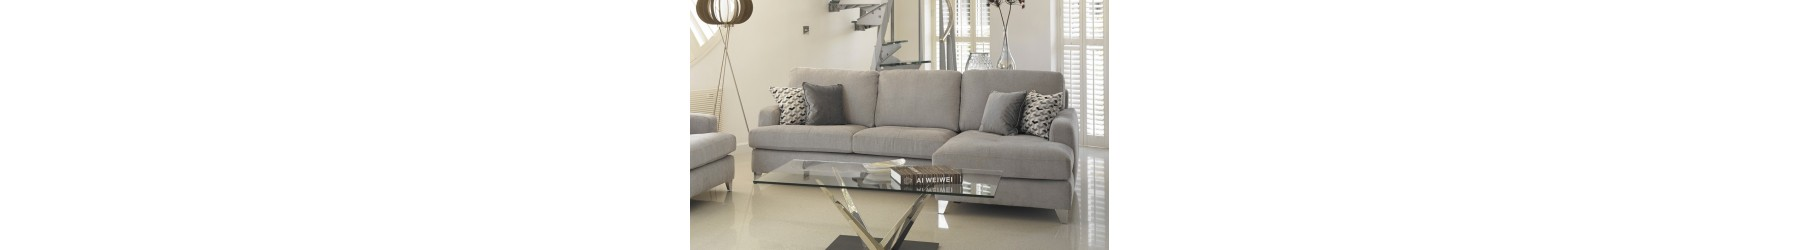 Σαλόνια και καθιστικά σε μοντέρνο ή κλασσικό σχεδιασμό.